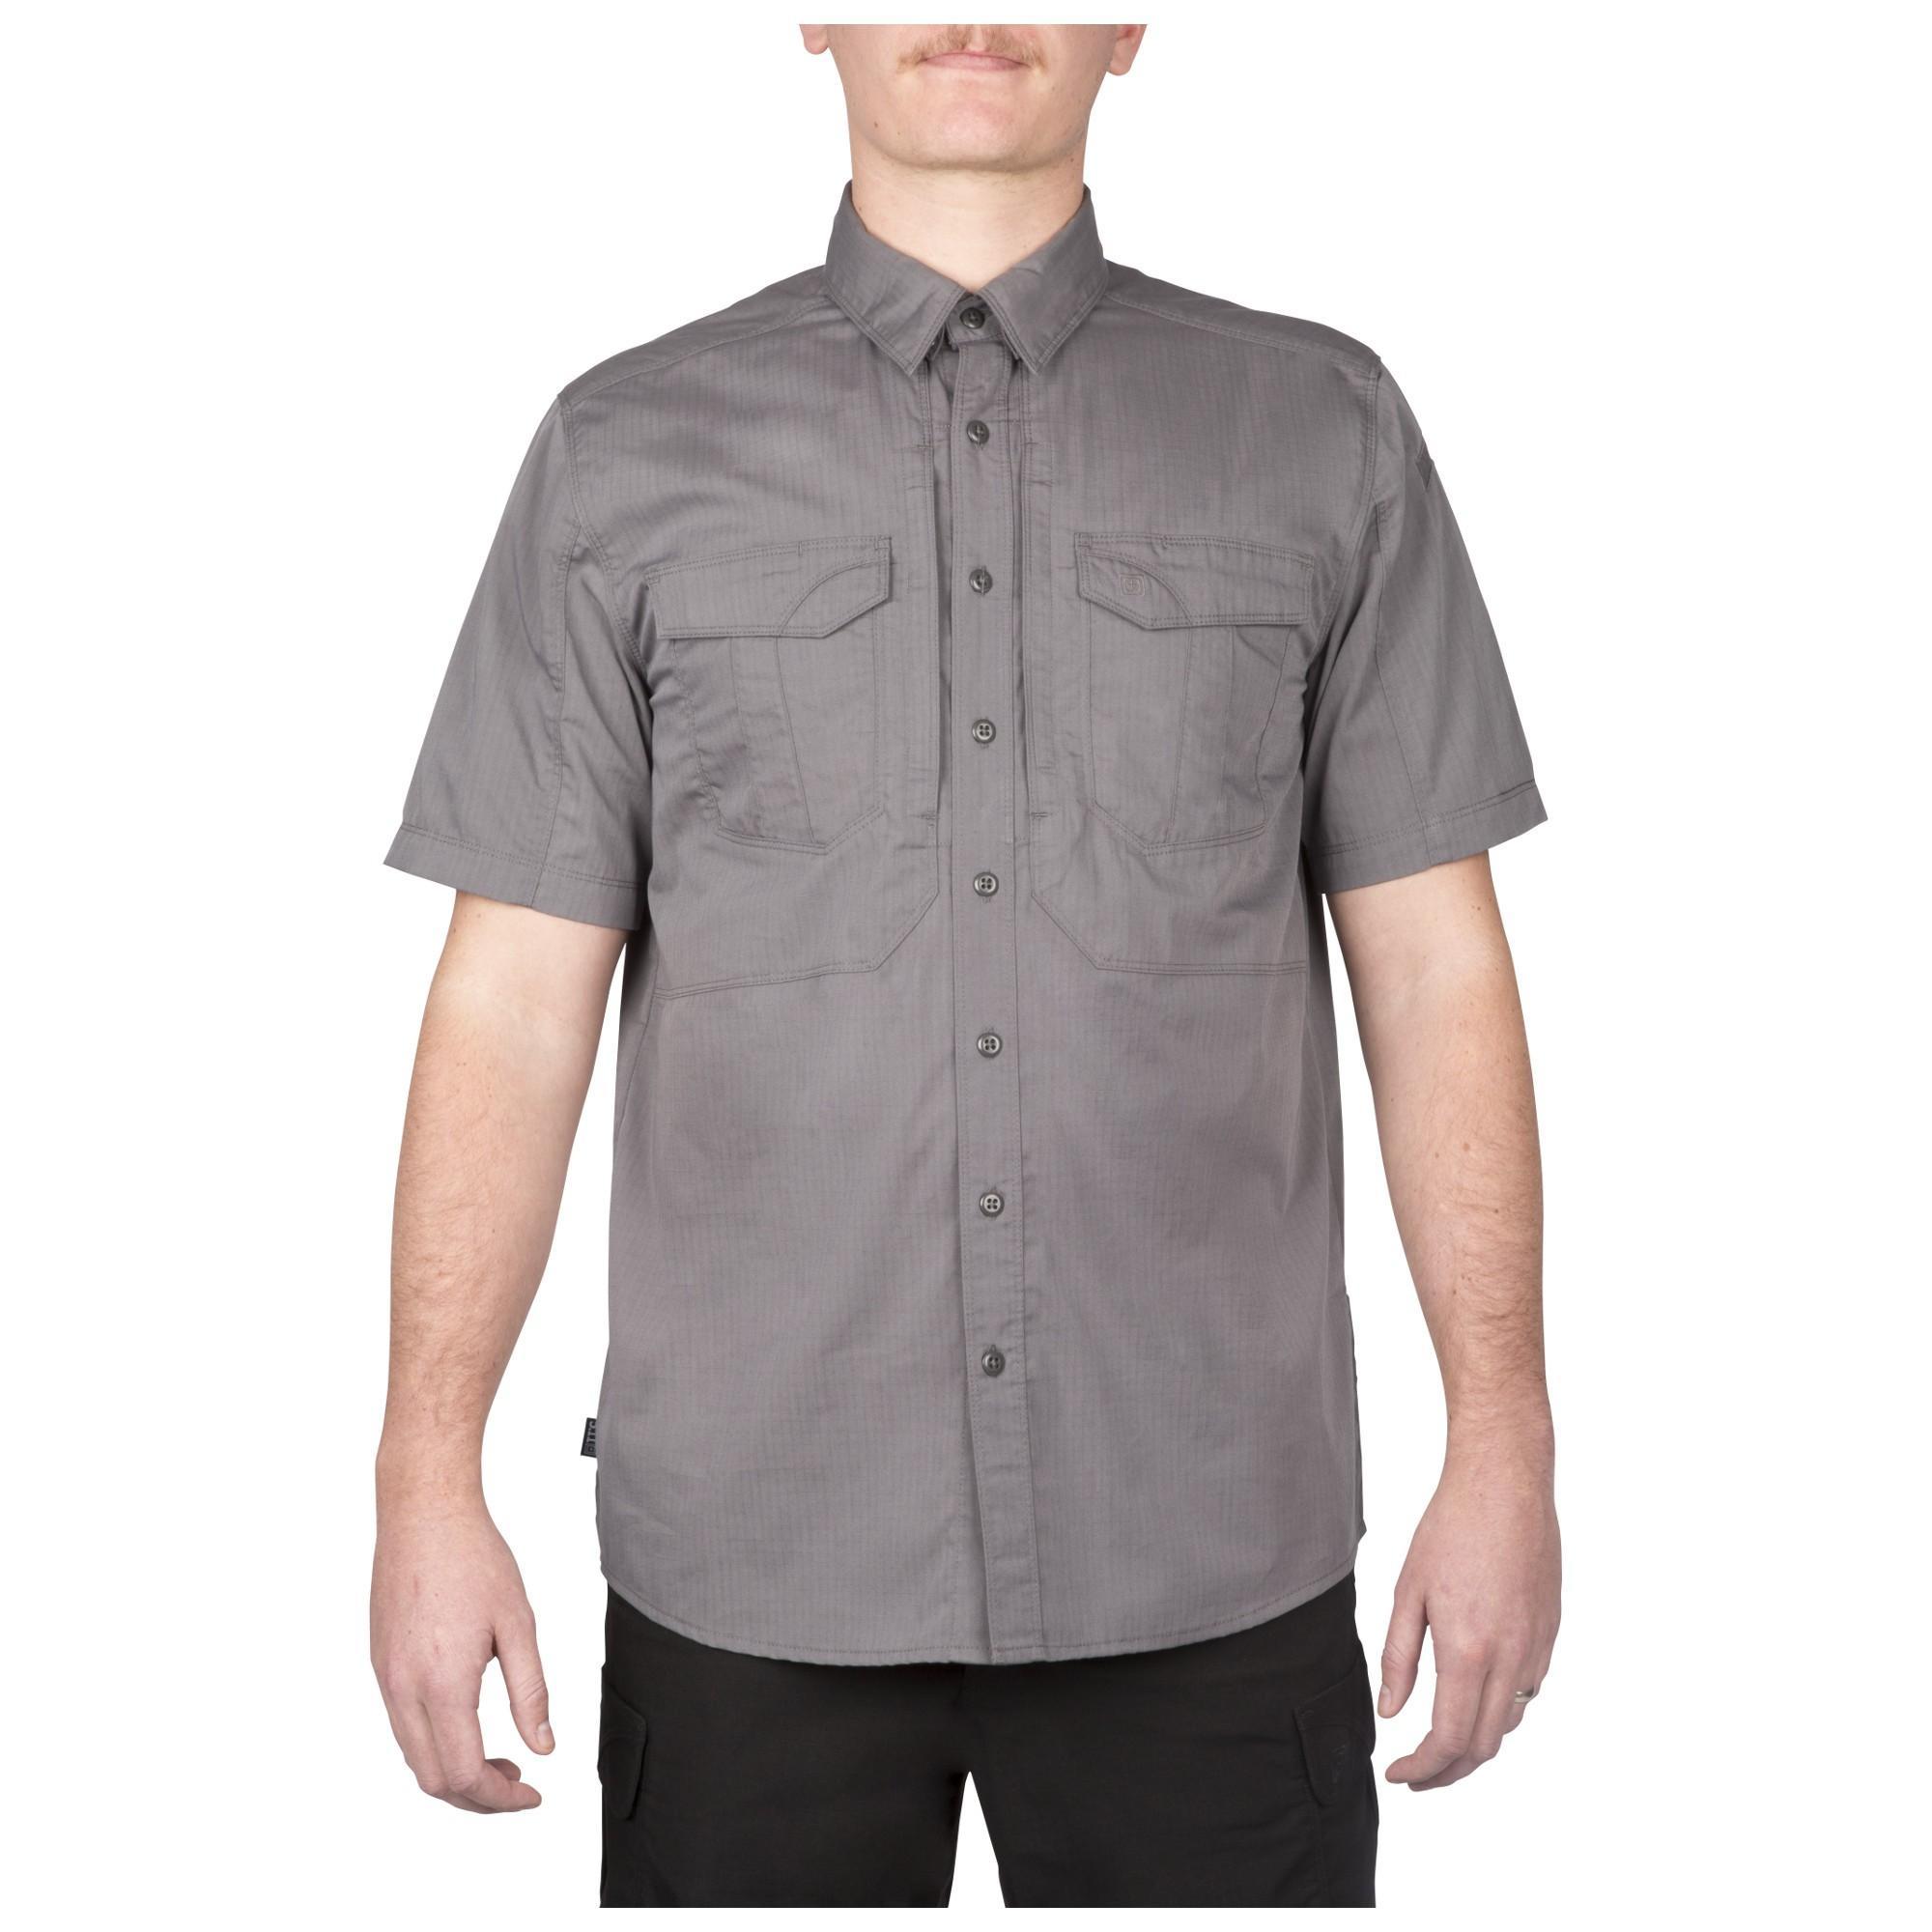 5.11 Stryke Short-Sleeve Shirt 71354